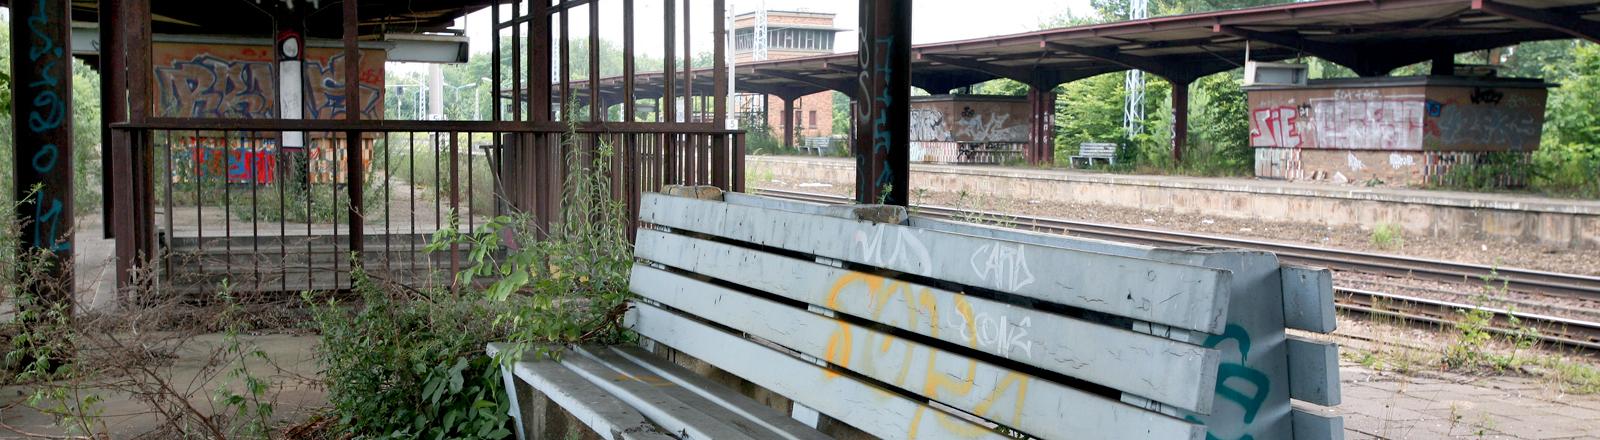 Stillgelegter Bahnhof mit leerer Bank.